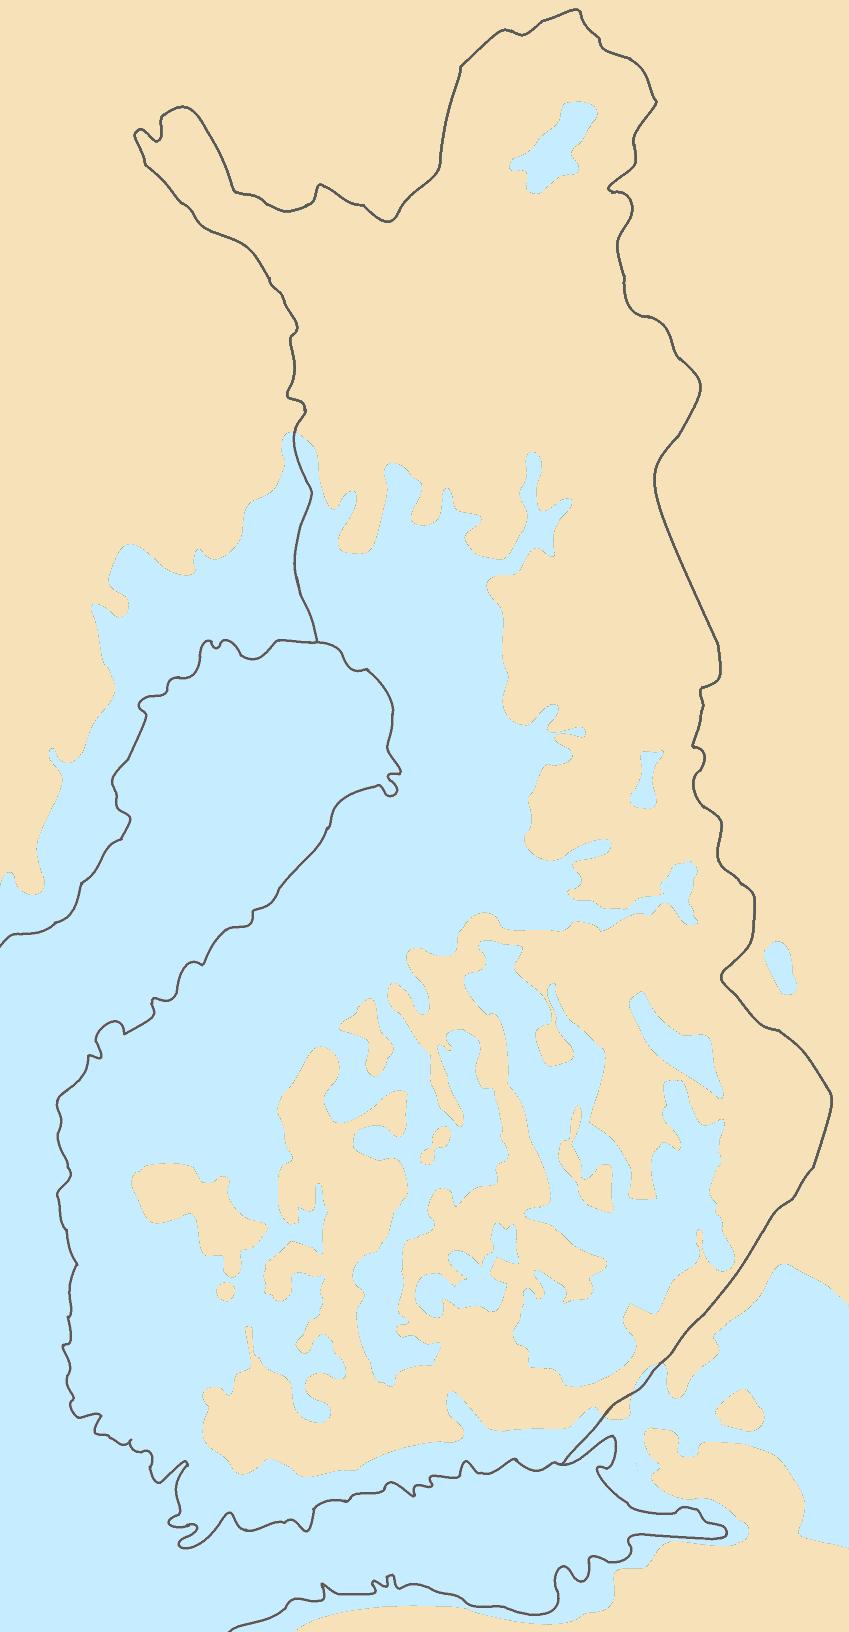 Suomi jaakauden jalkeen